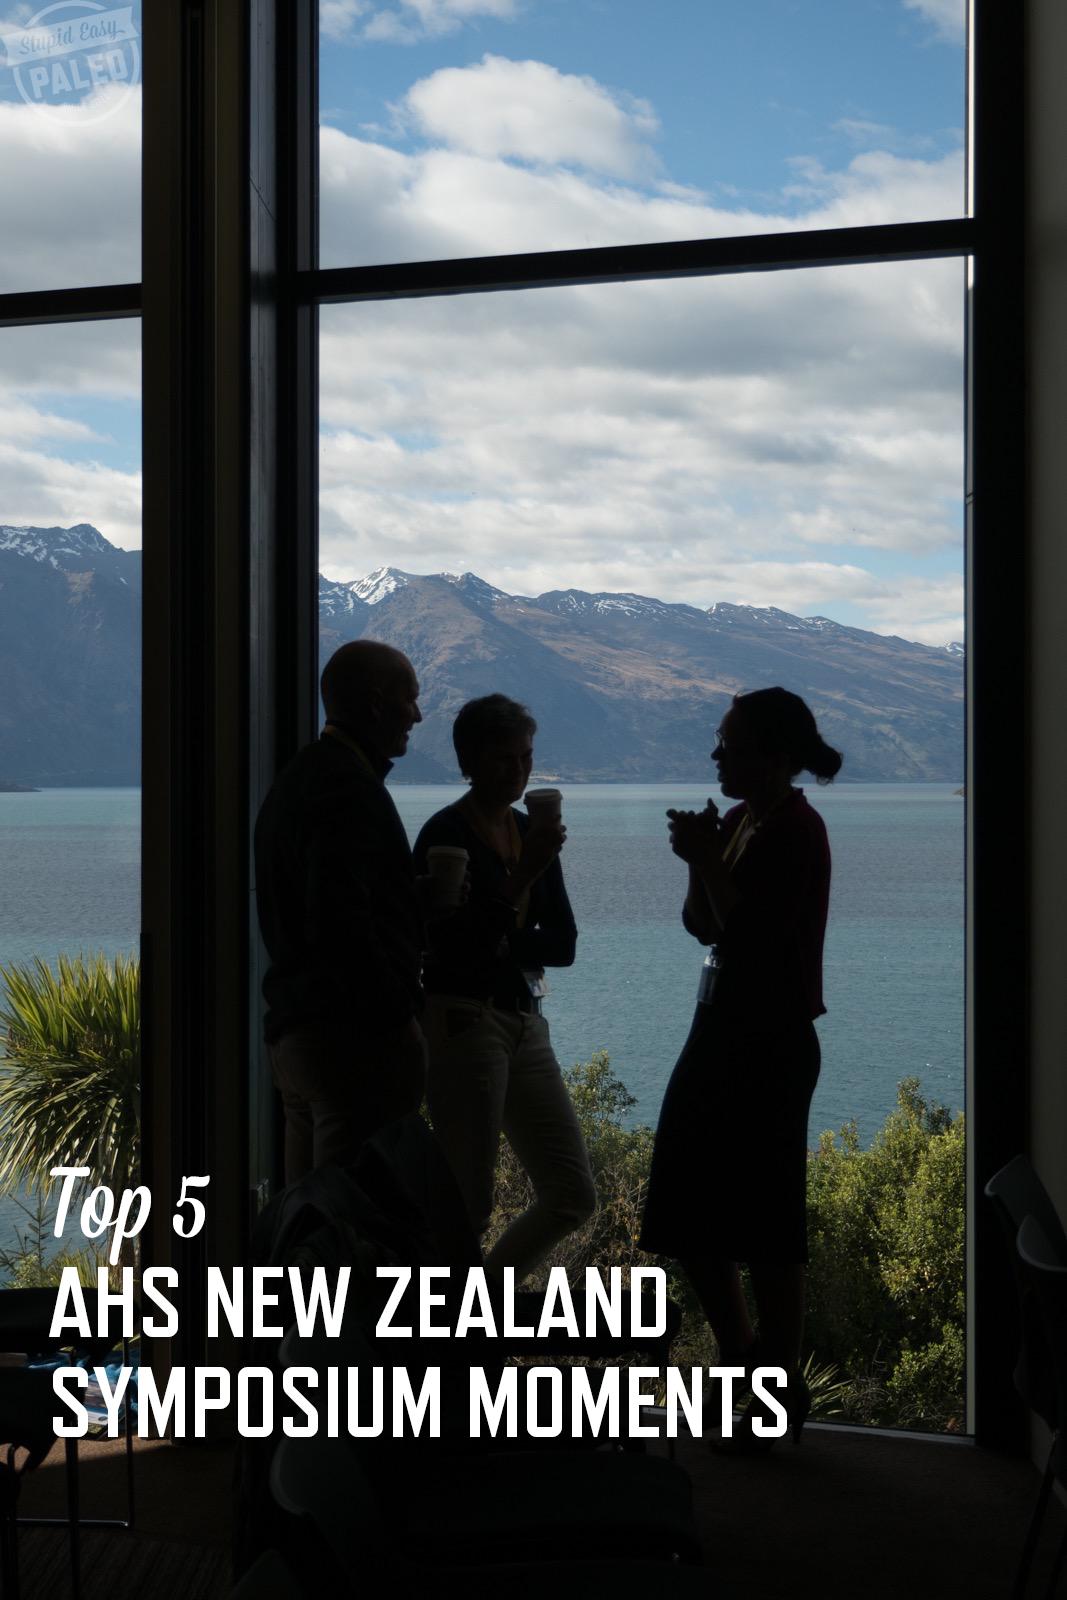 Top 5 AHS New Zealand Symposium Moments | stephgaudreau.com